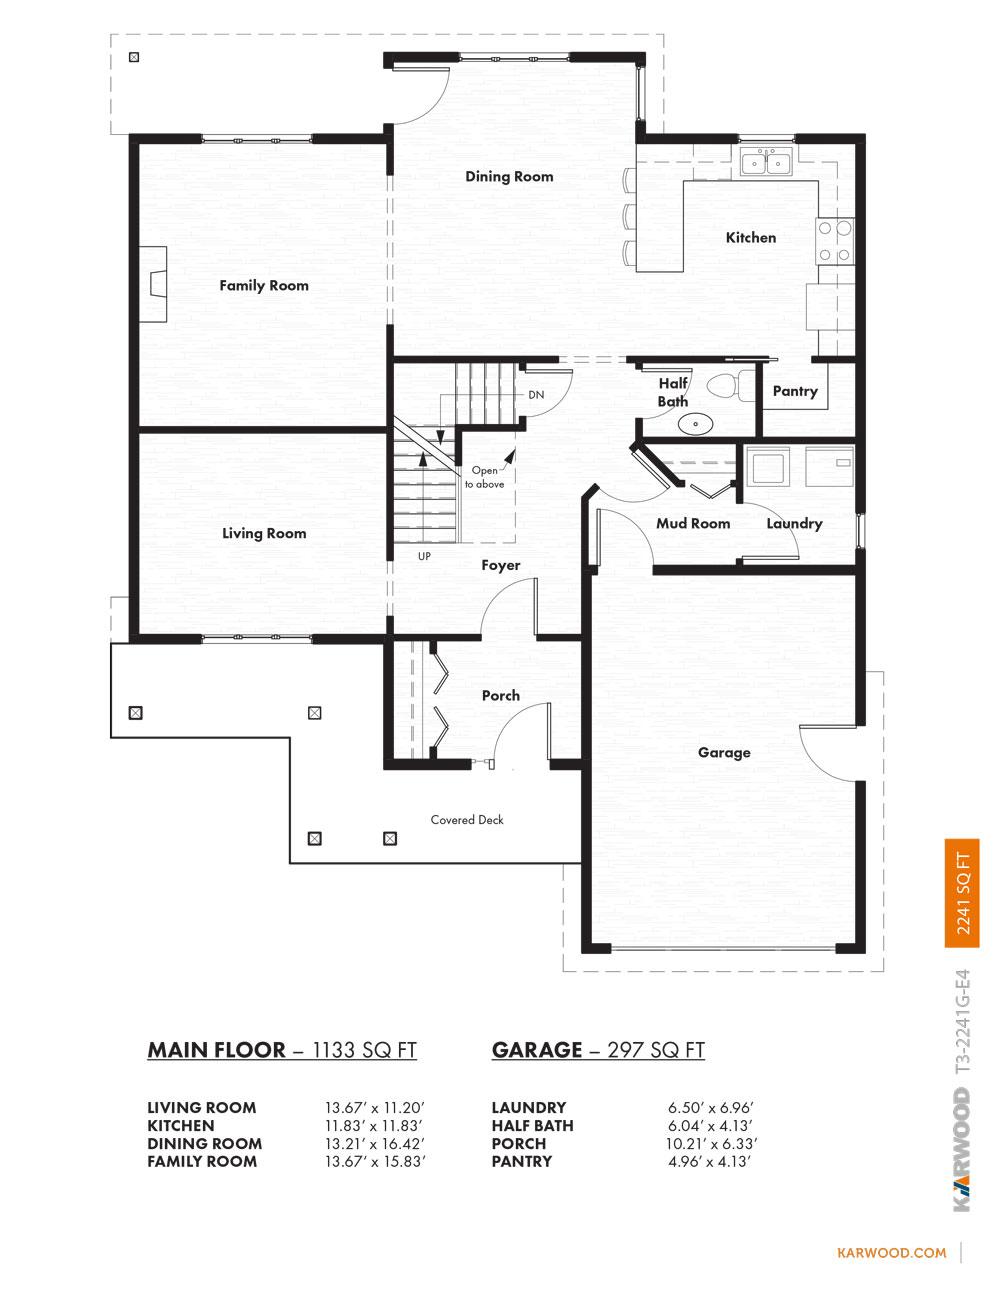 Karwood-T3-2241GG-E4-WebPlans-1.jpg